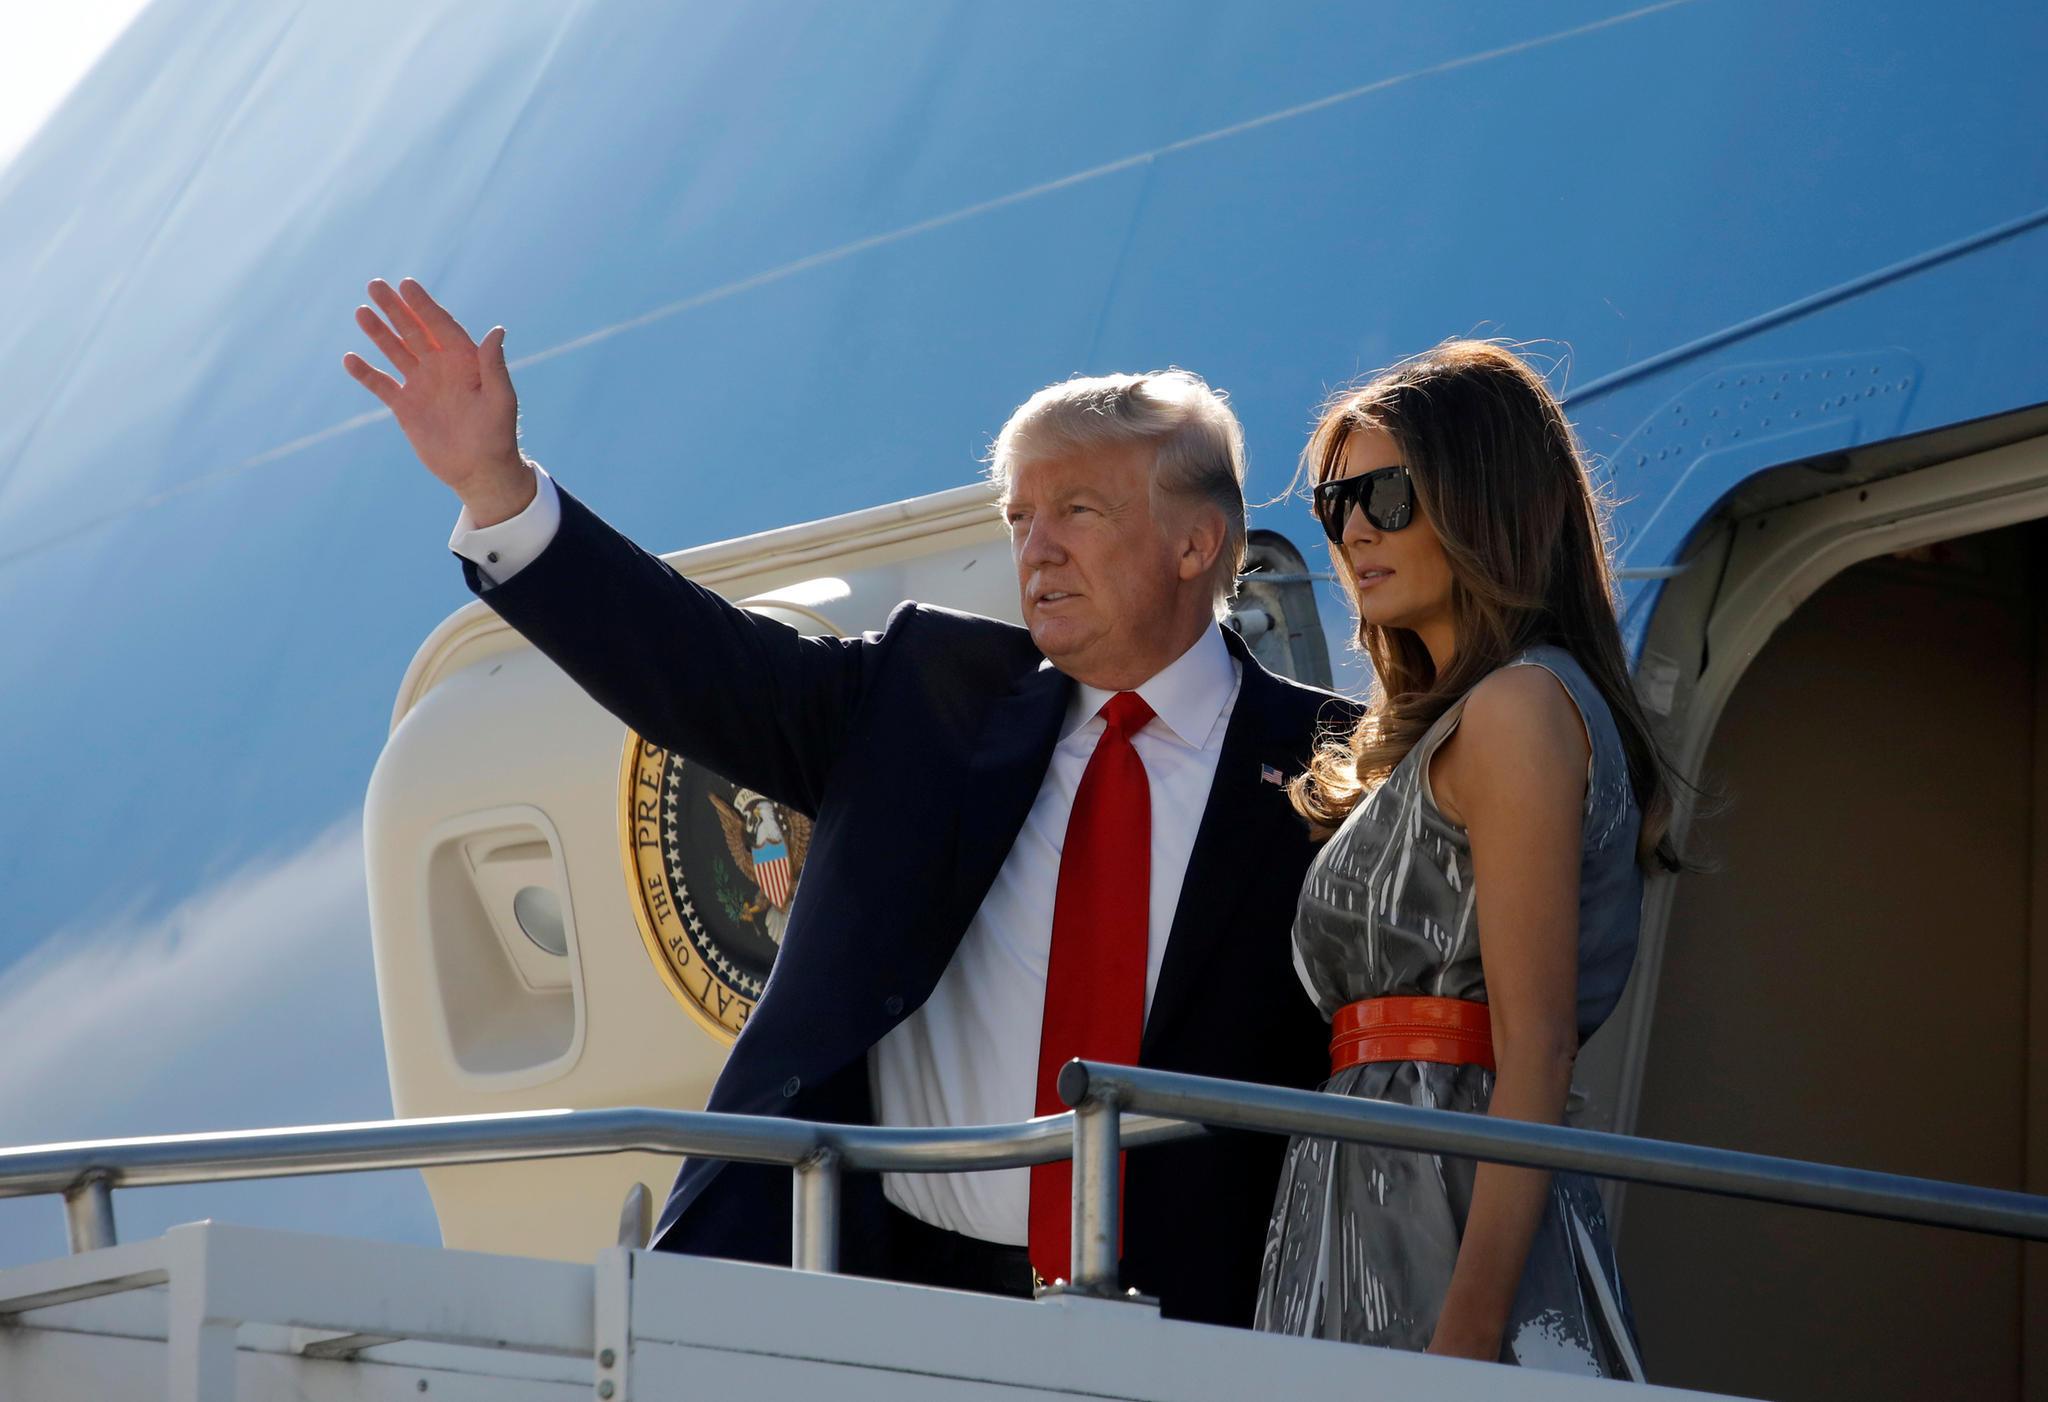 """Donald Trump und Melania Trump besteigen am 8. Juli 2017 die """"Air Force One"""", um von Hamburg nach Washington zu fliegen"""